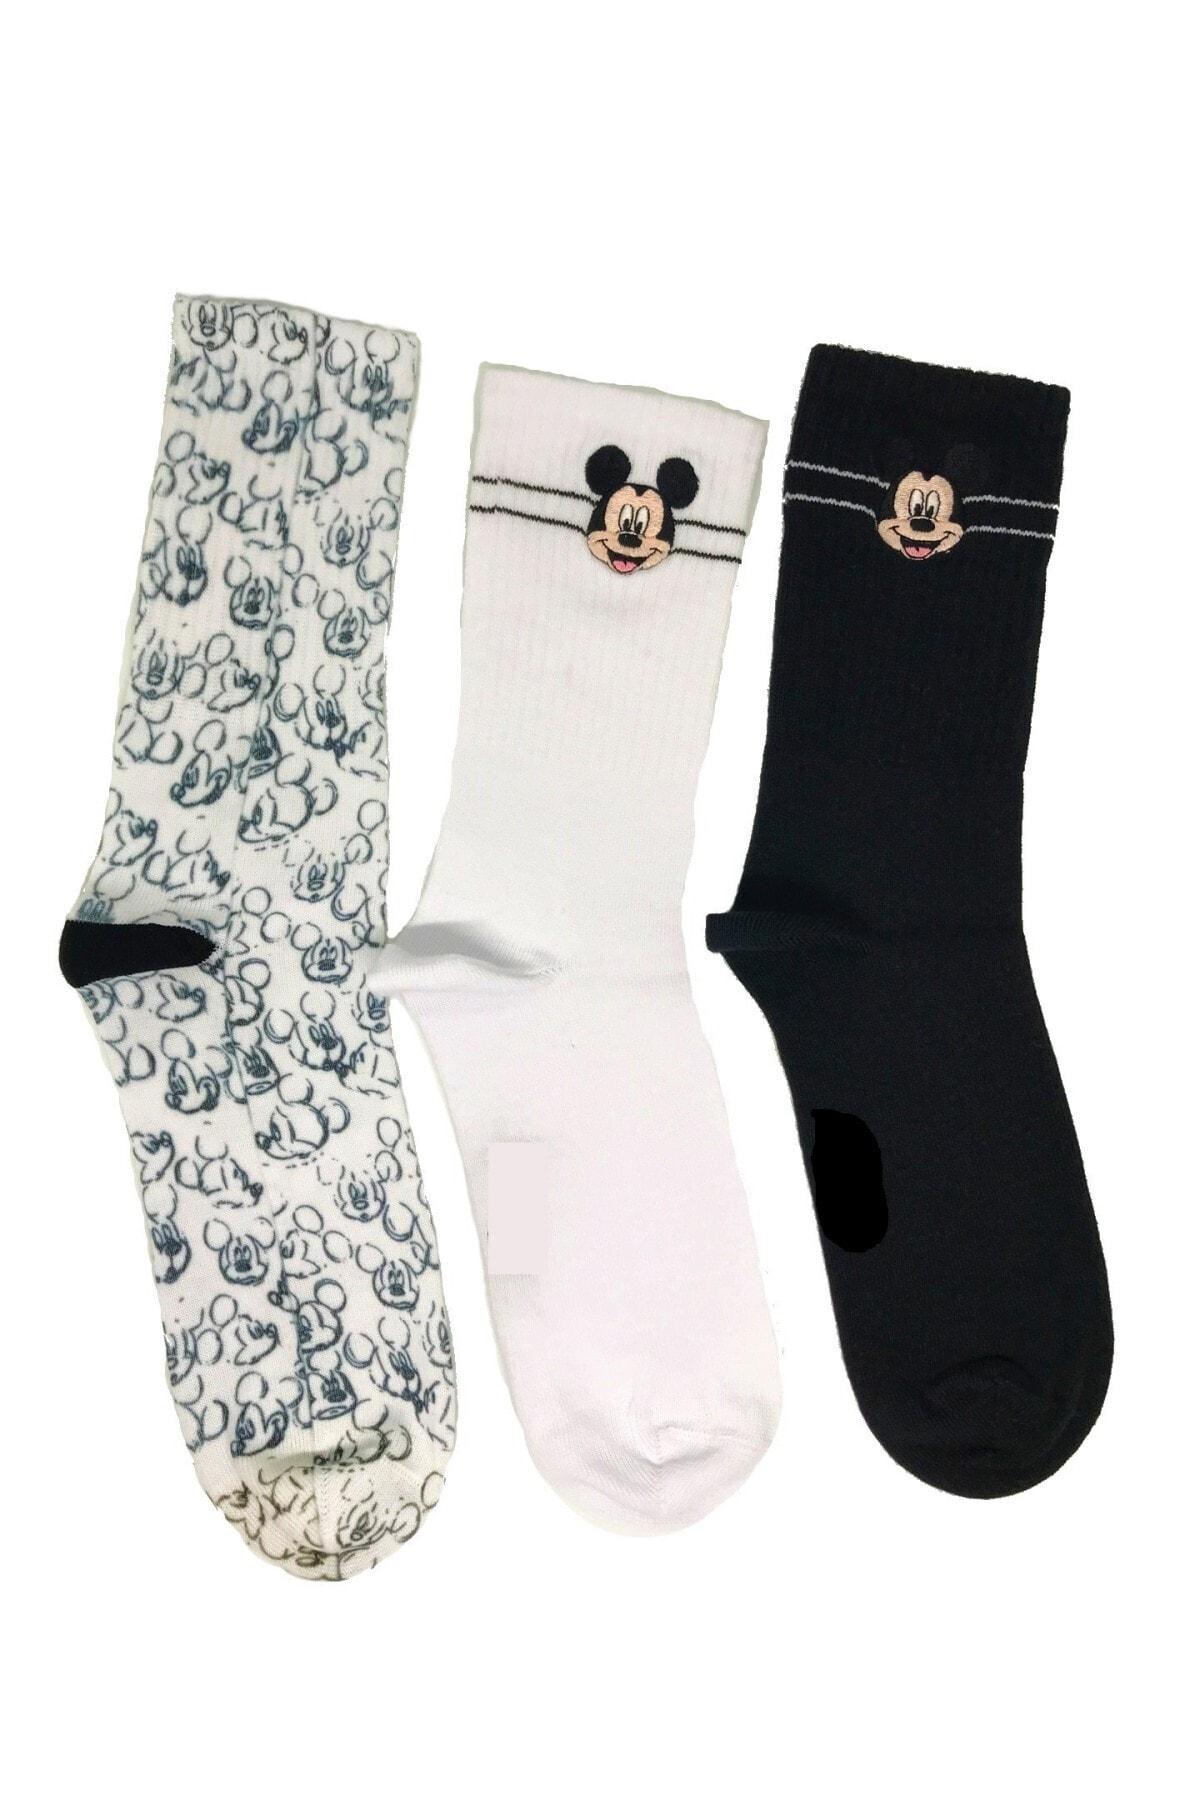 egs calze Mickey Mouse Nakışlı Ve Süblime Baskılı Özel Çorap Seti 3'lü 1